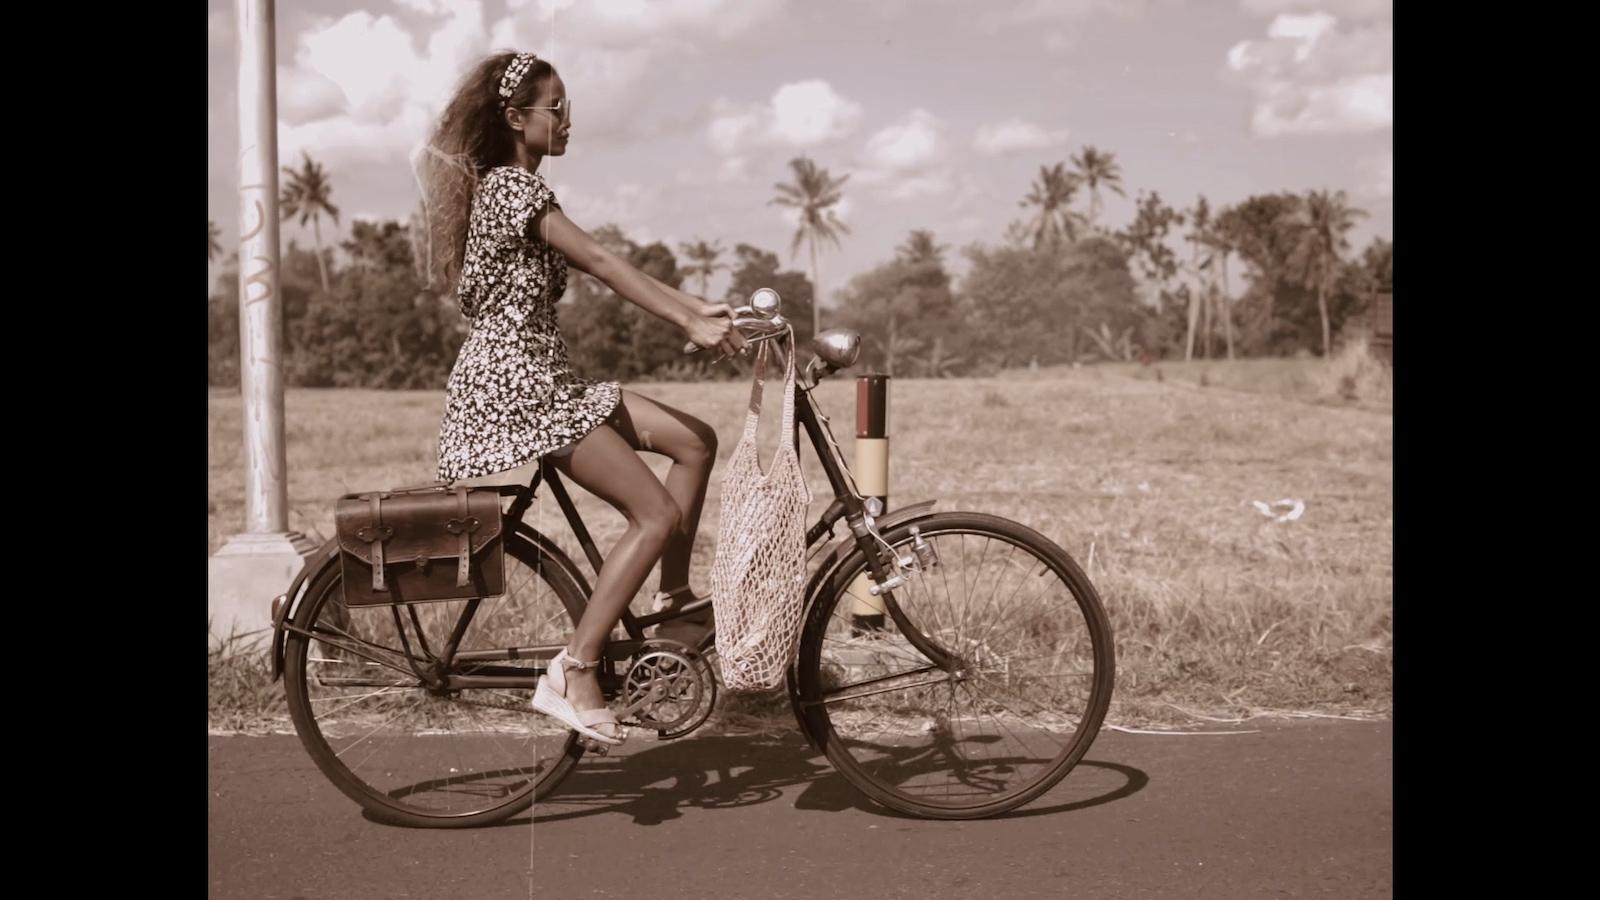 024-cyclingcommando-Putri-Cinta-Mainvid-stills-7.jpg